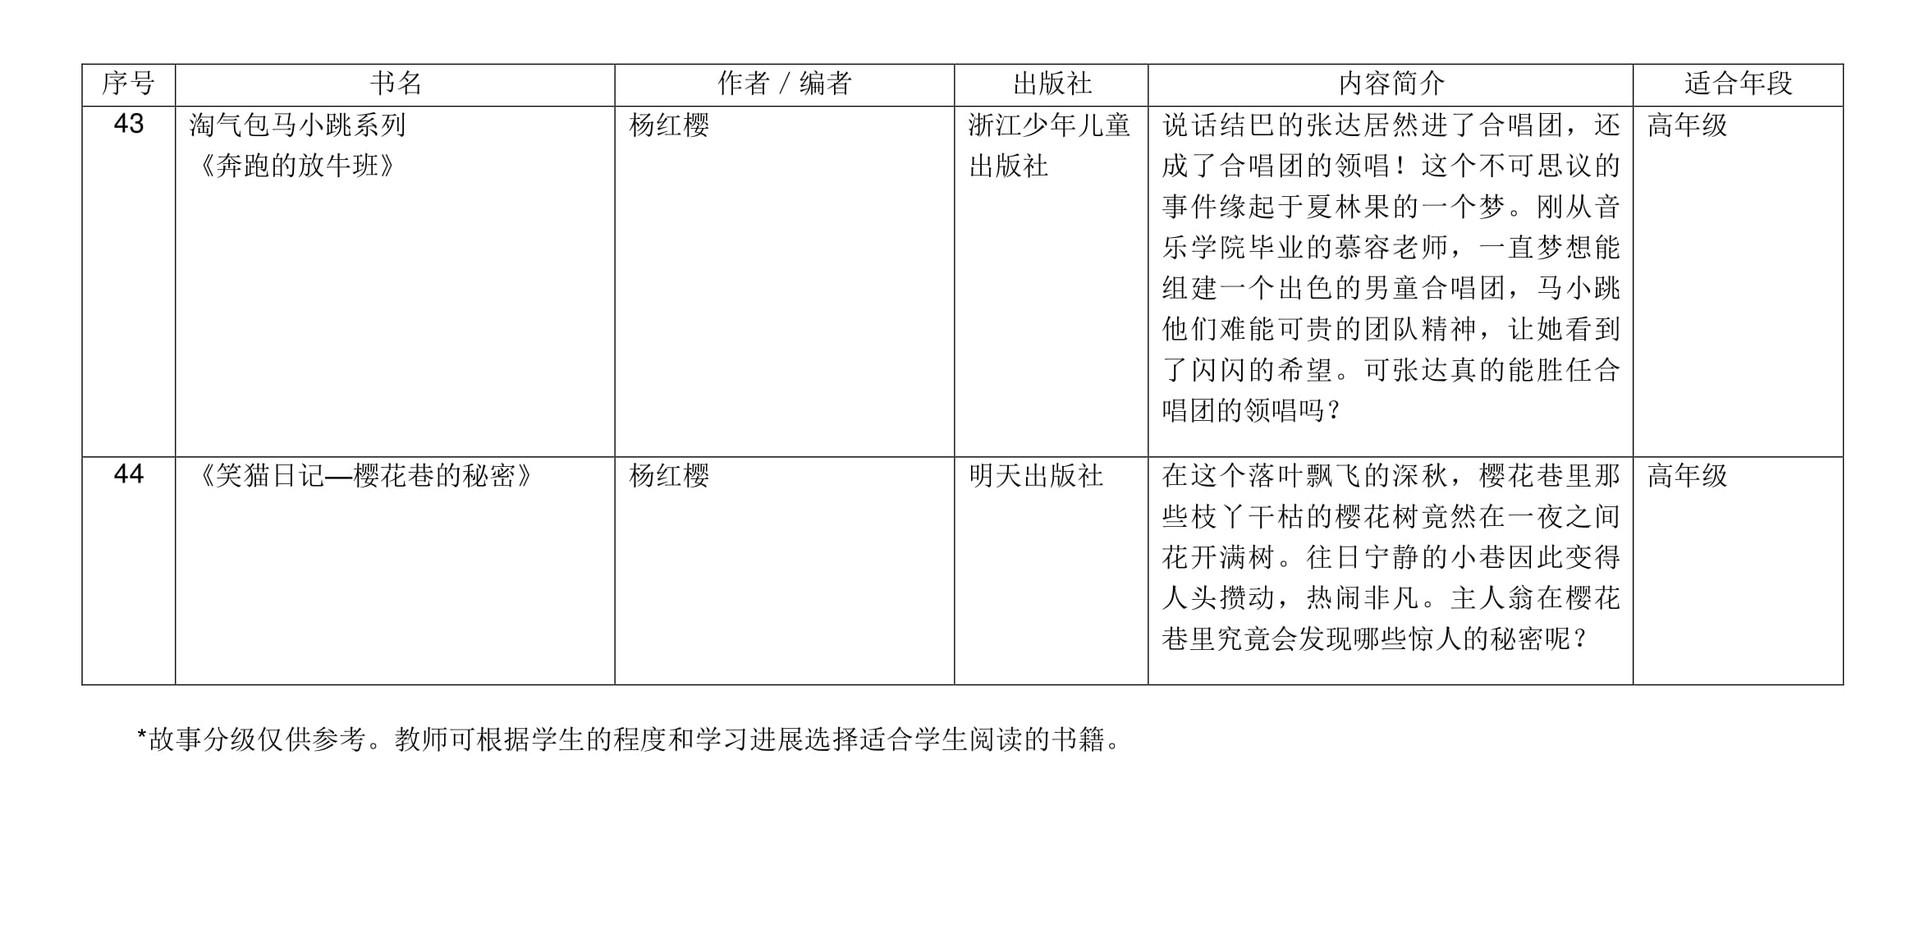 小学华文课外读物参考书目16.jpg